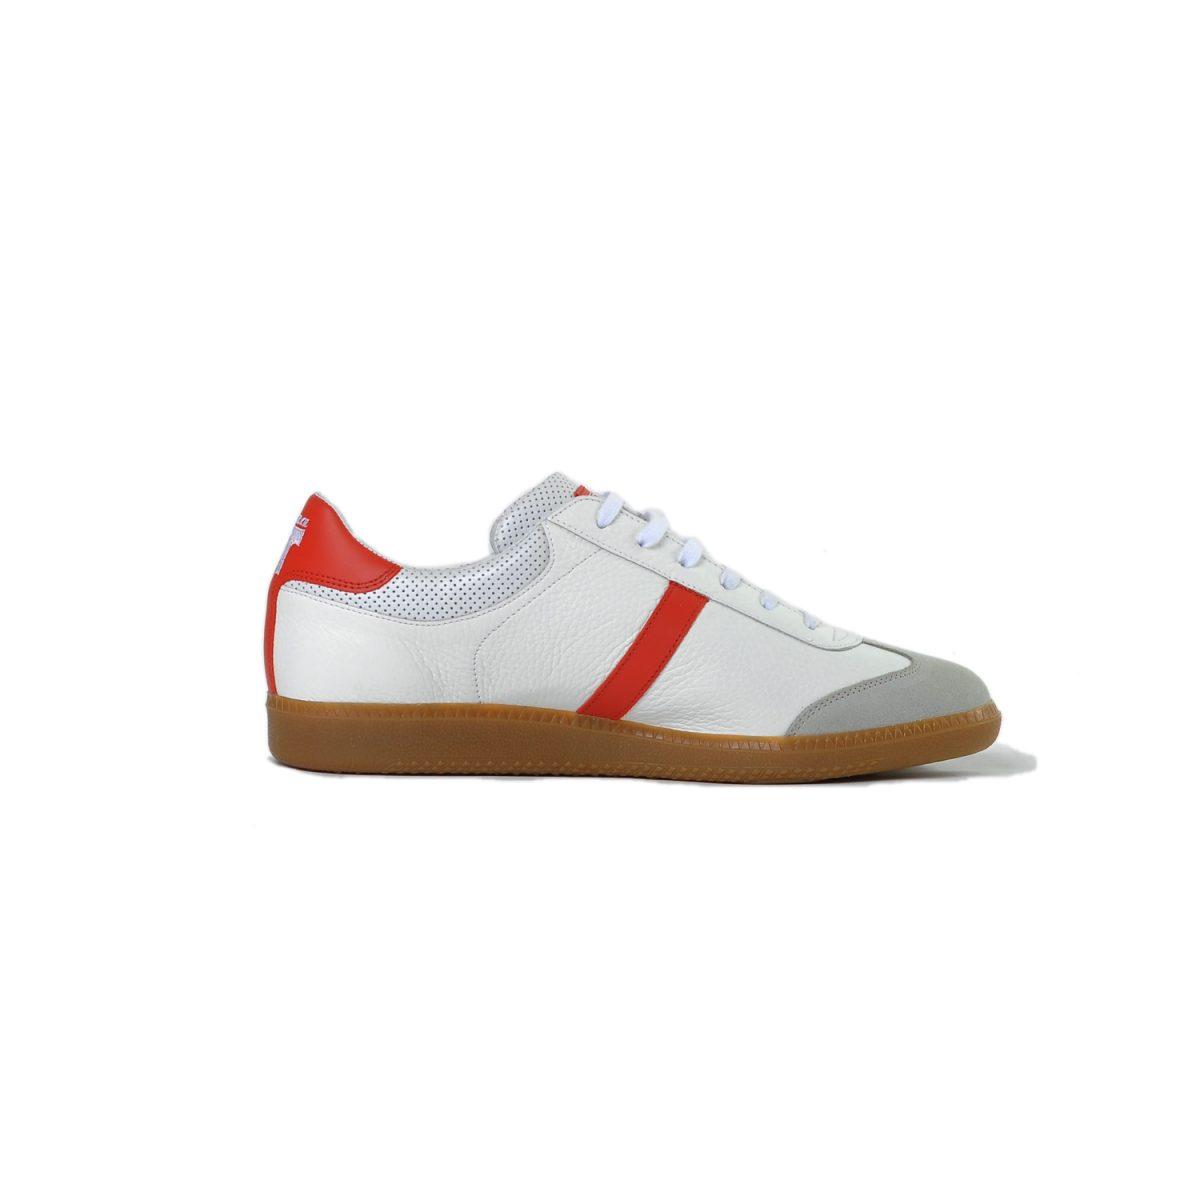 Tisza cipő - Compakt - Fehér-piros